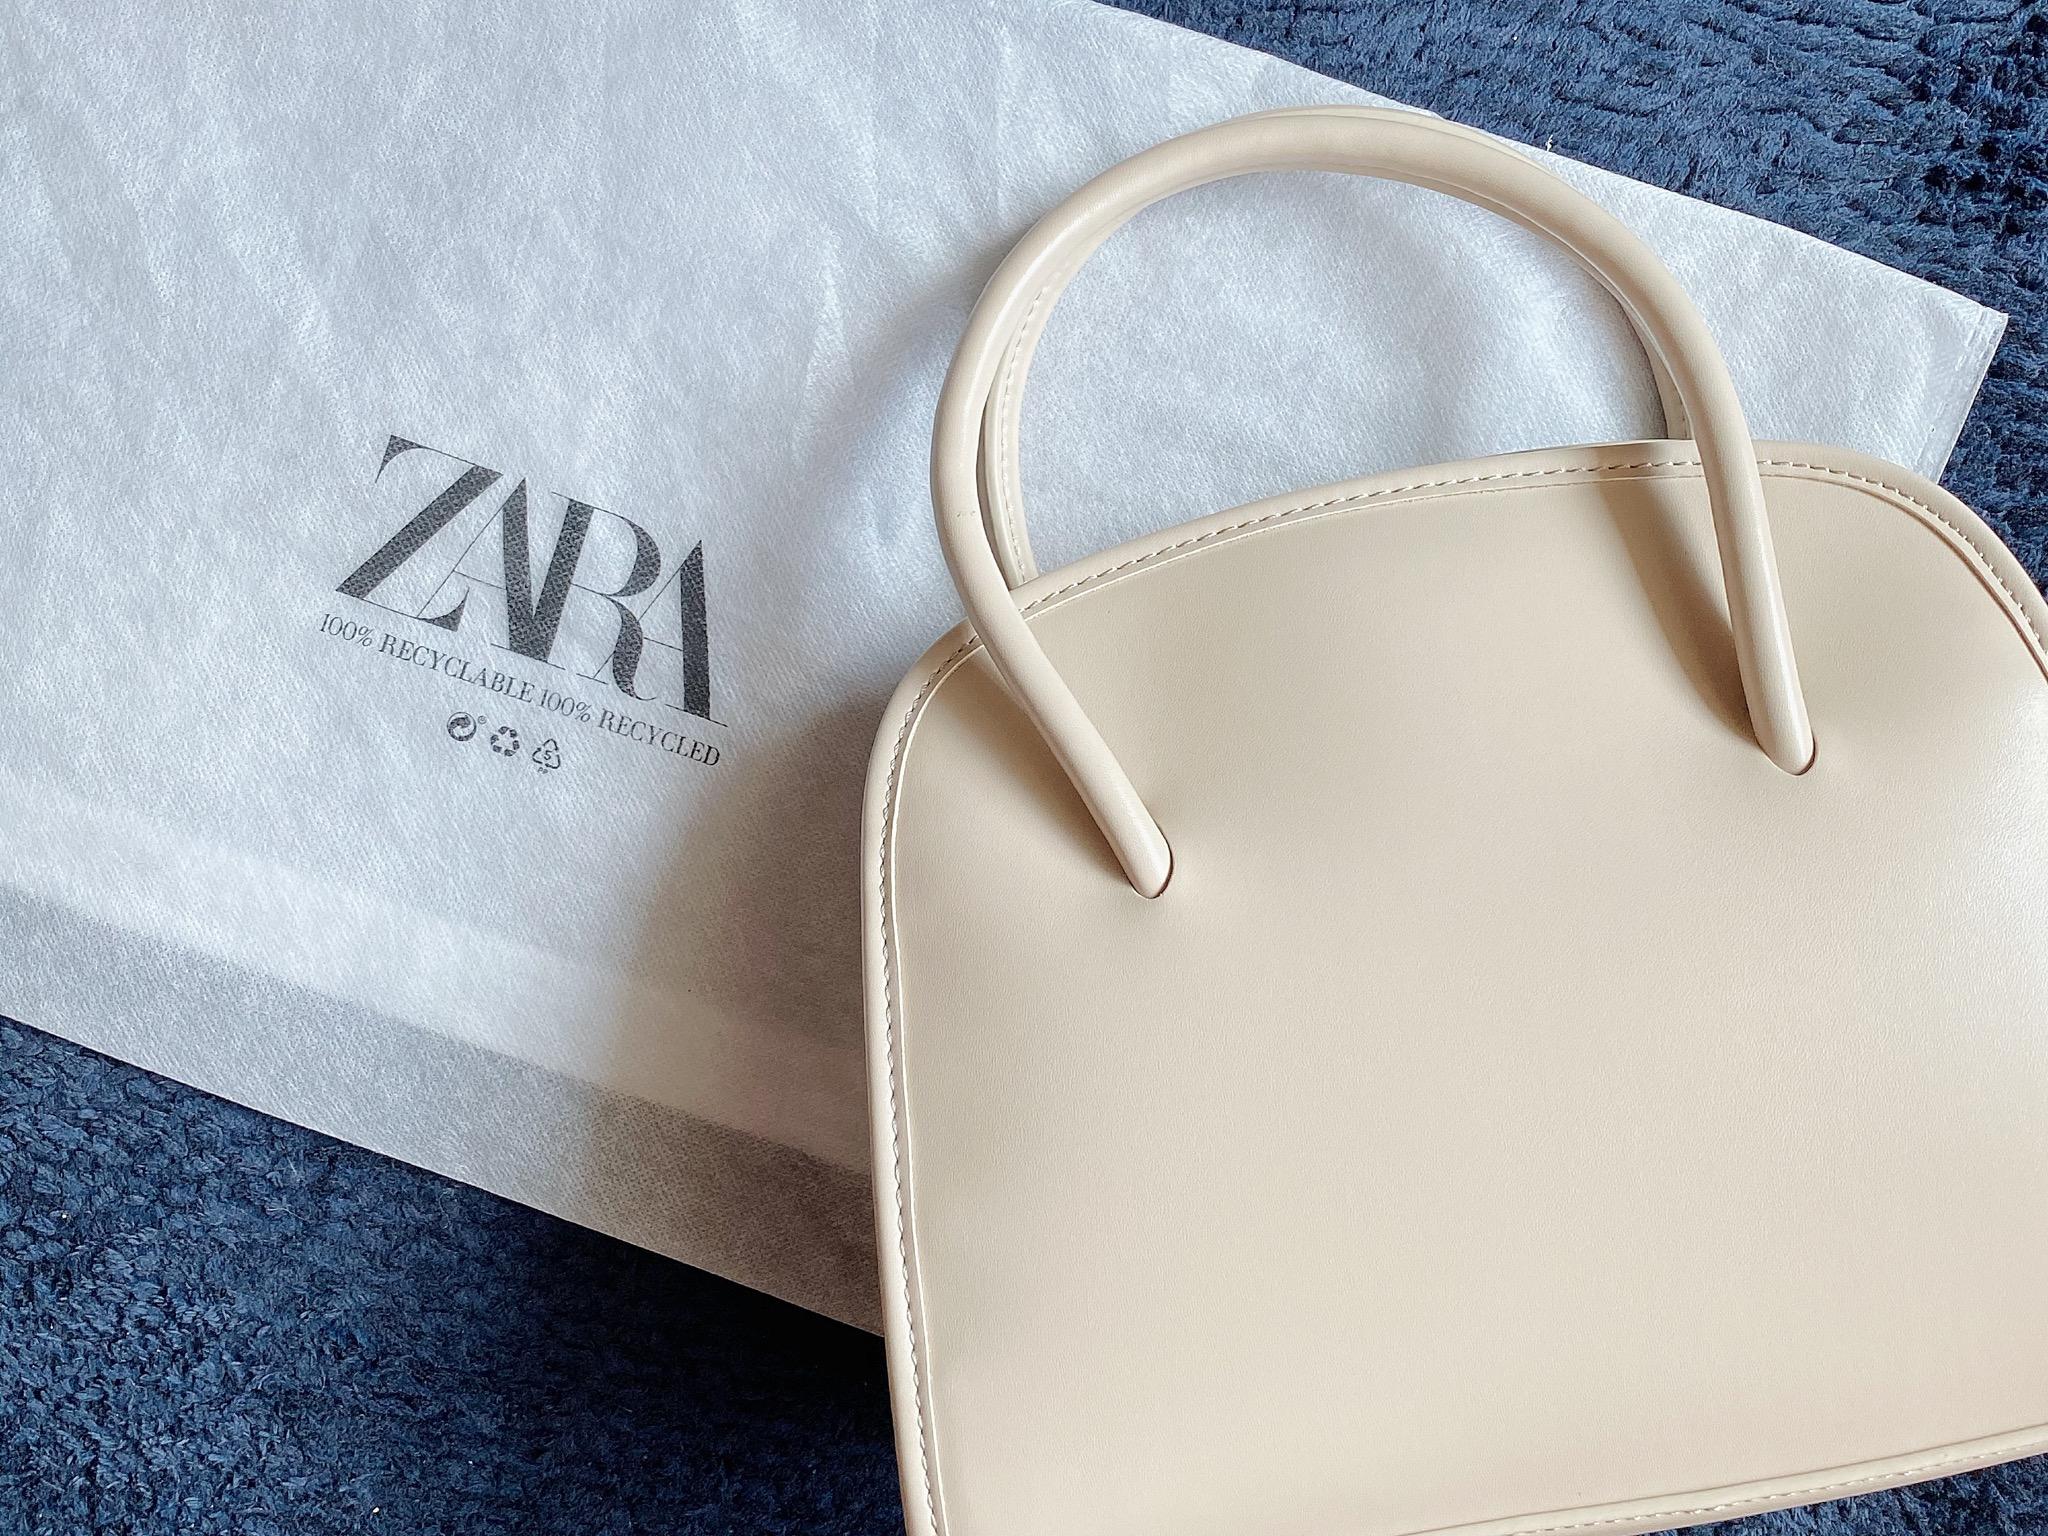 【ZARA】Saleで購入した万能ミニシティバッグでお出かけ_1